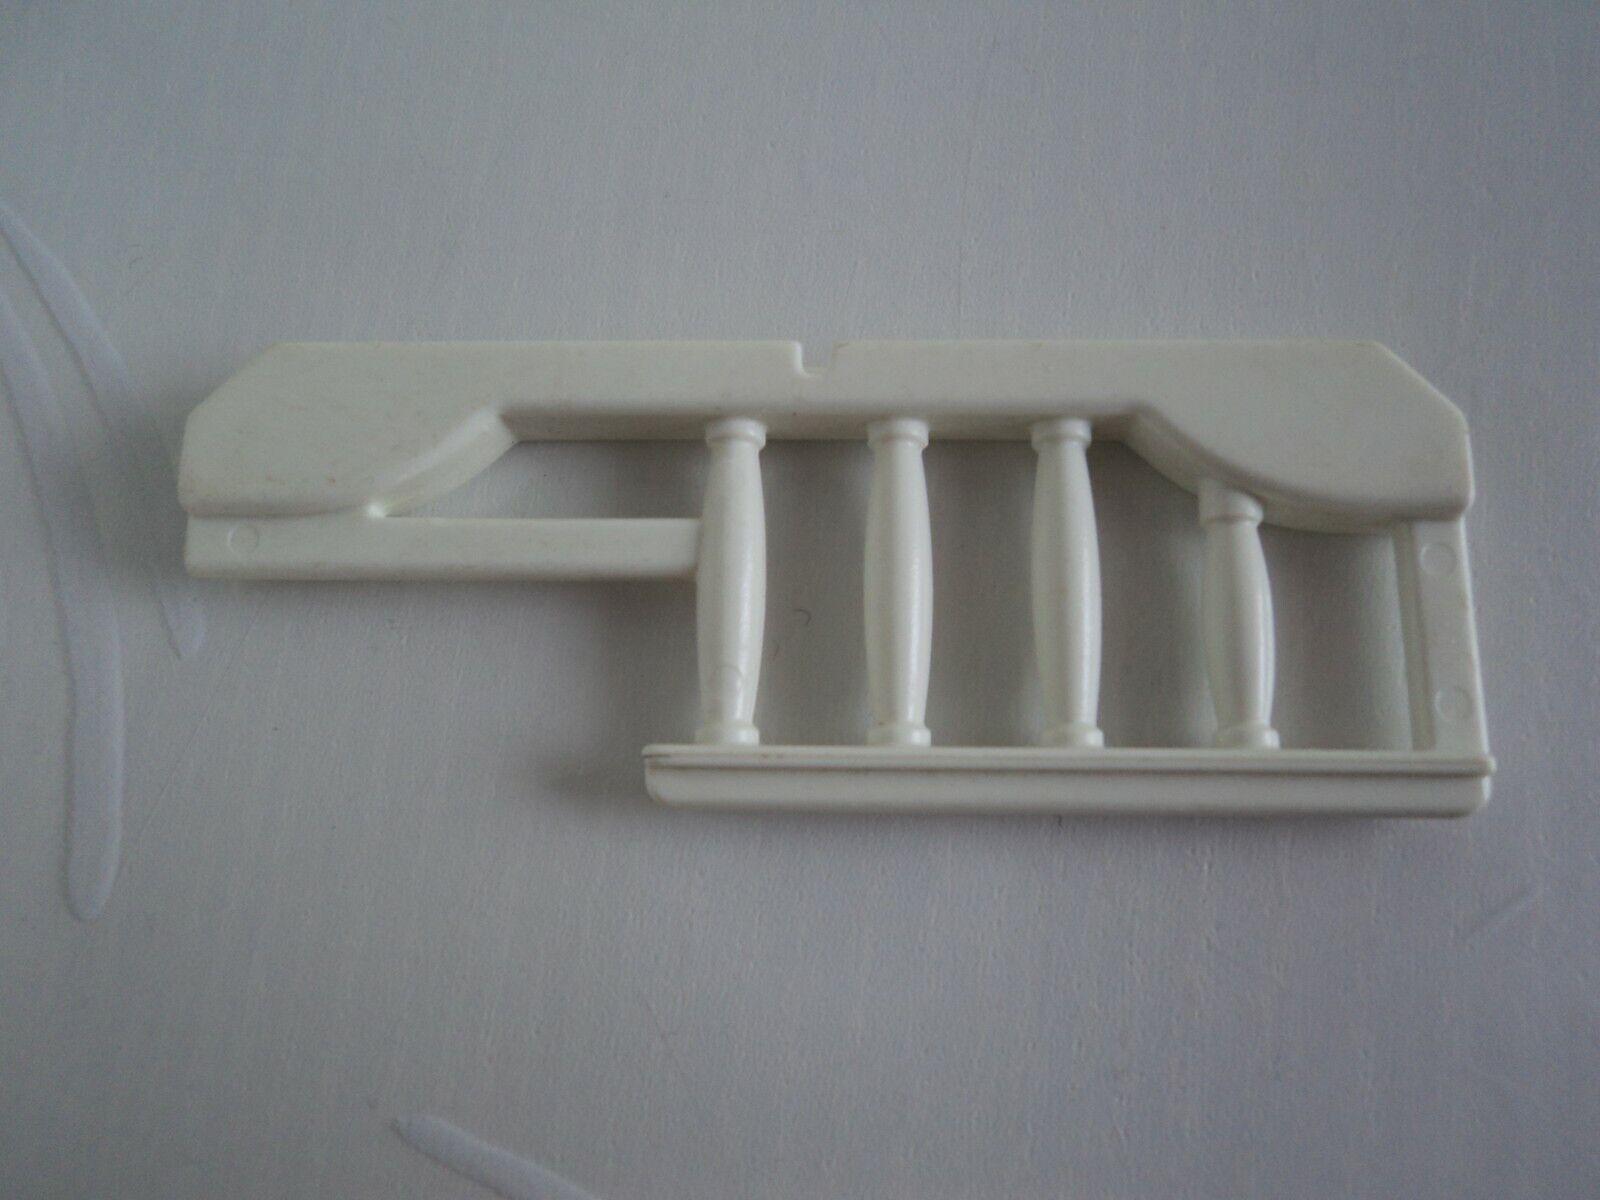 Playmobil vintage barrière avant de lits superposés chambre enfants 5312 de 1995